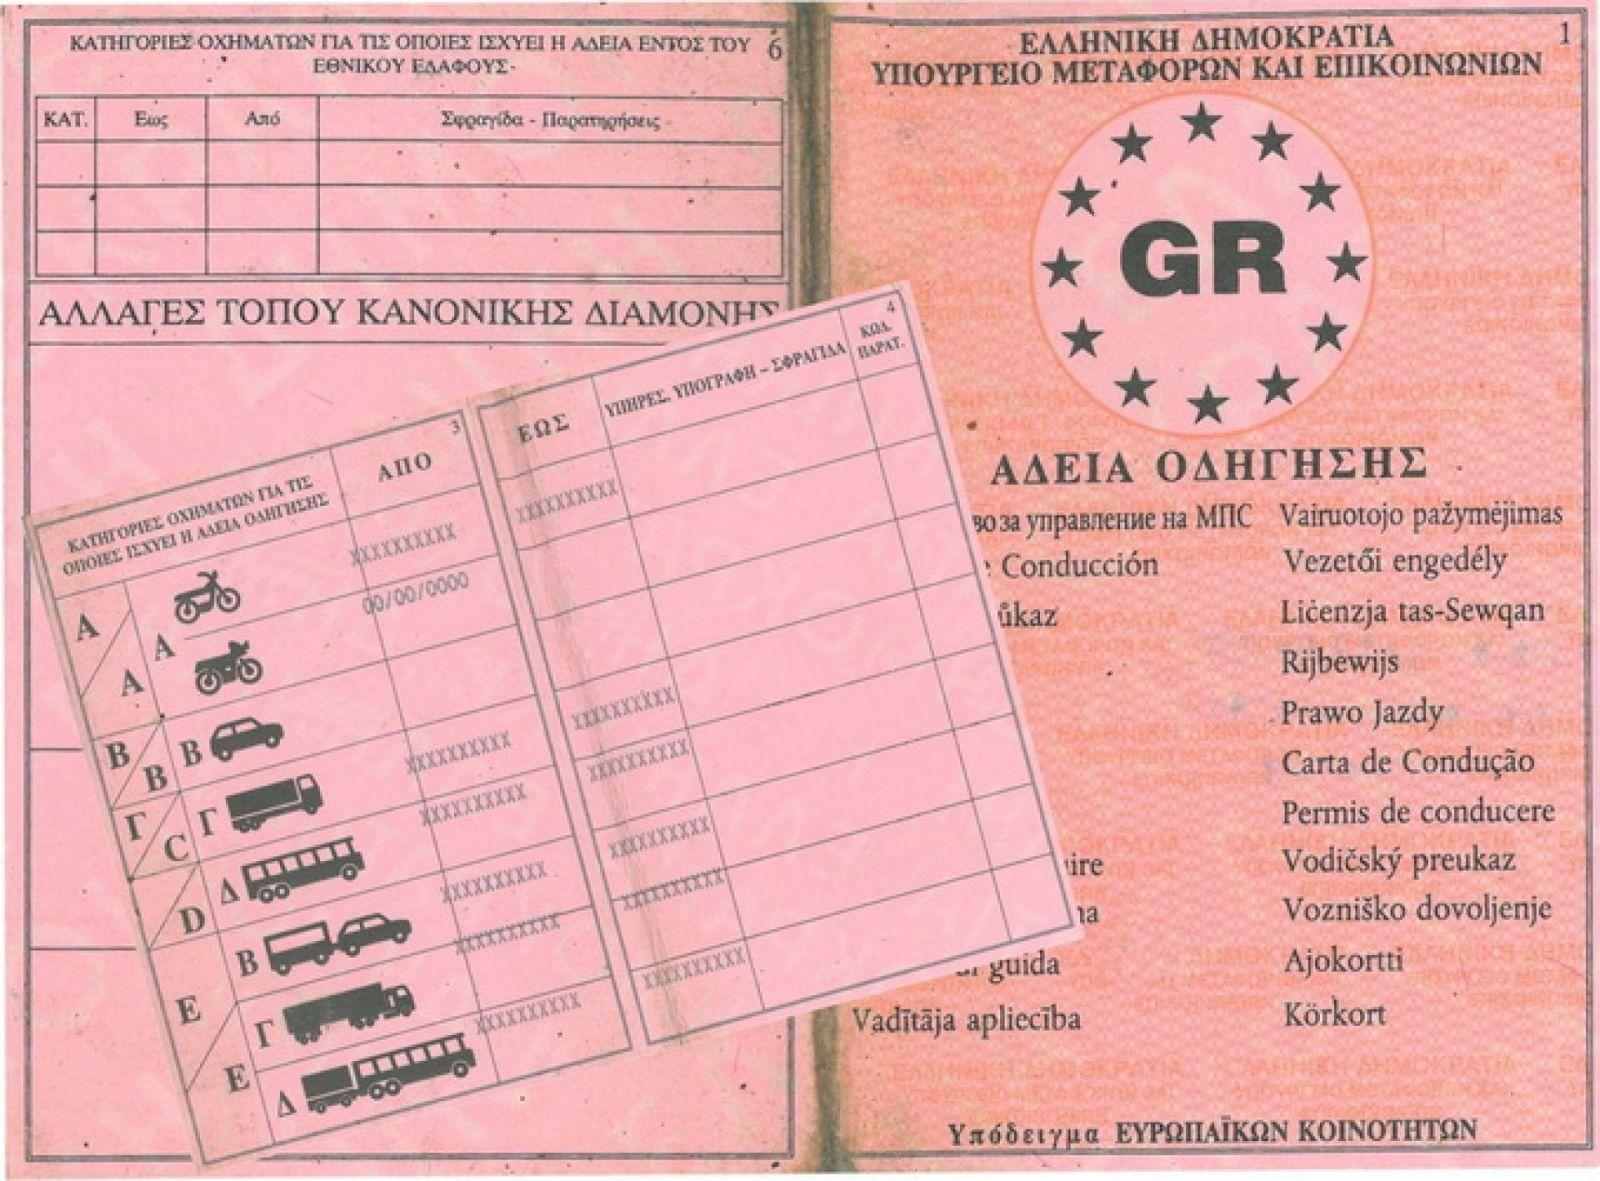 Προσωρινό δίπλωμα οδήγησης από τη μέρα της εξέτασης